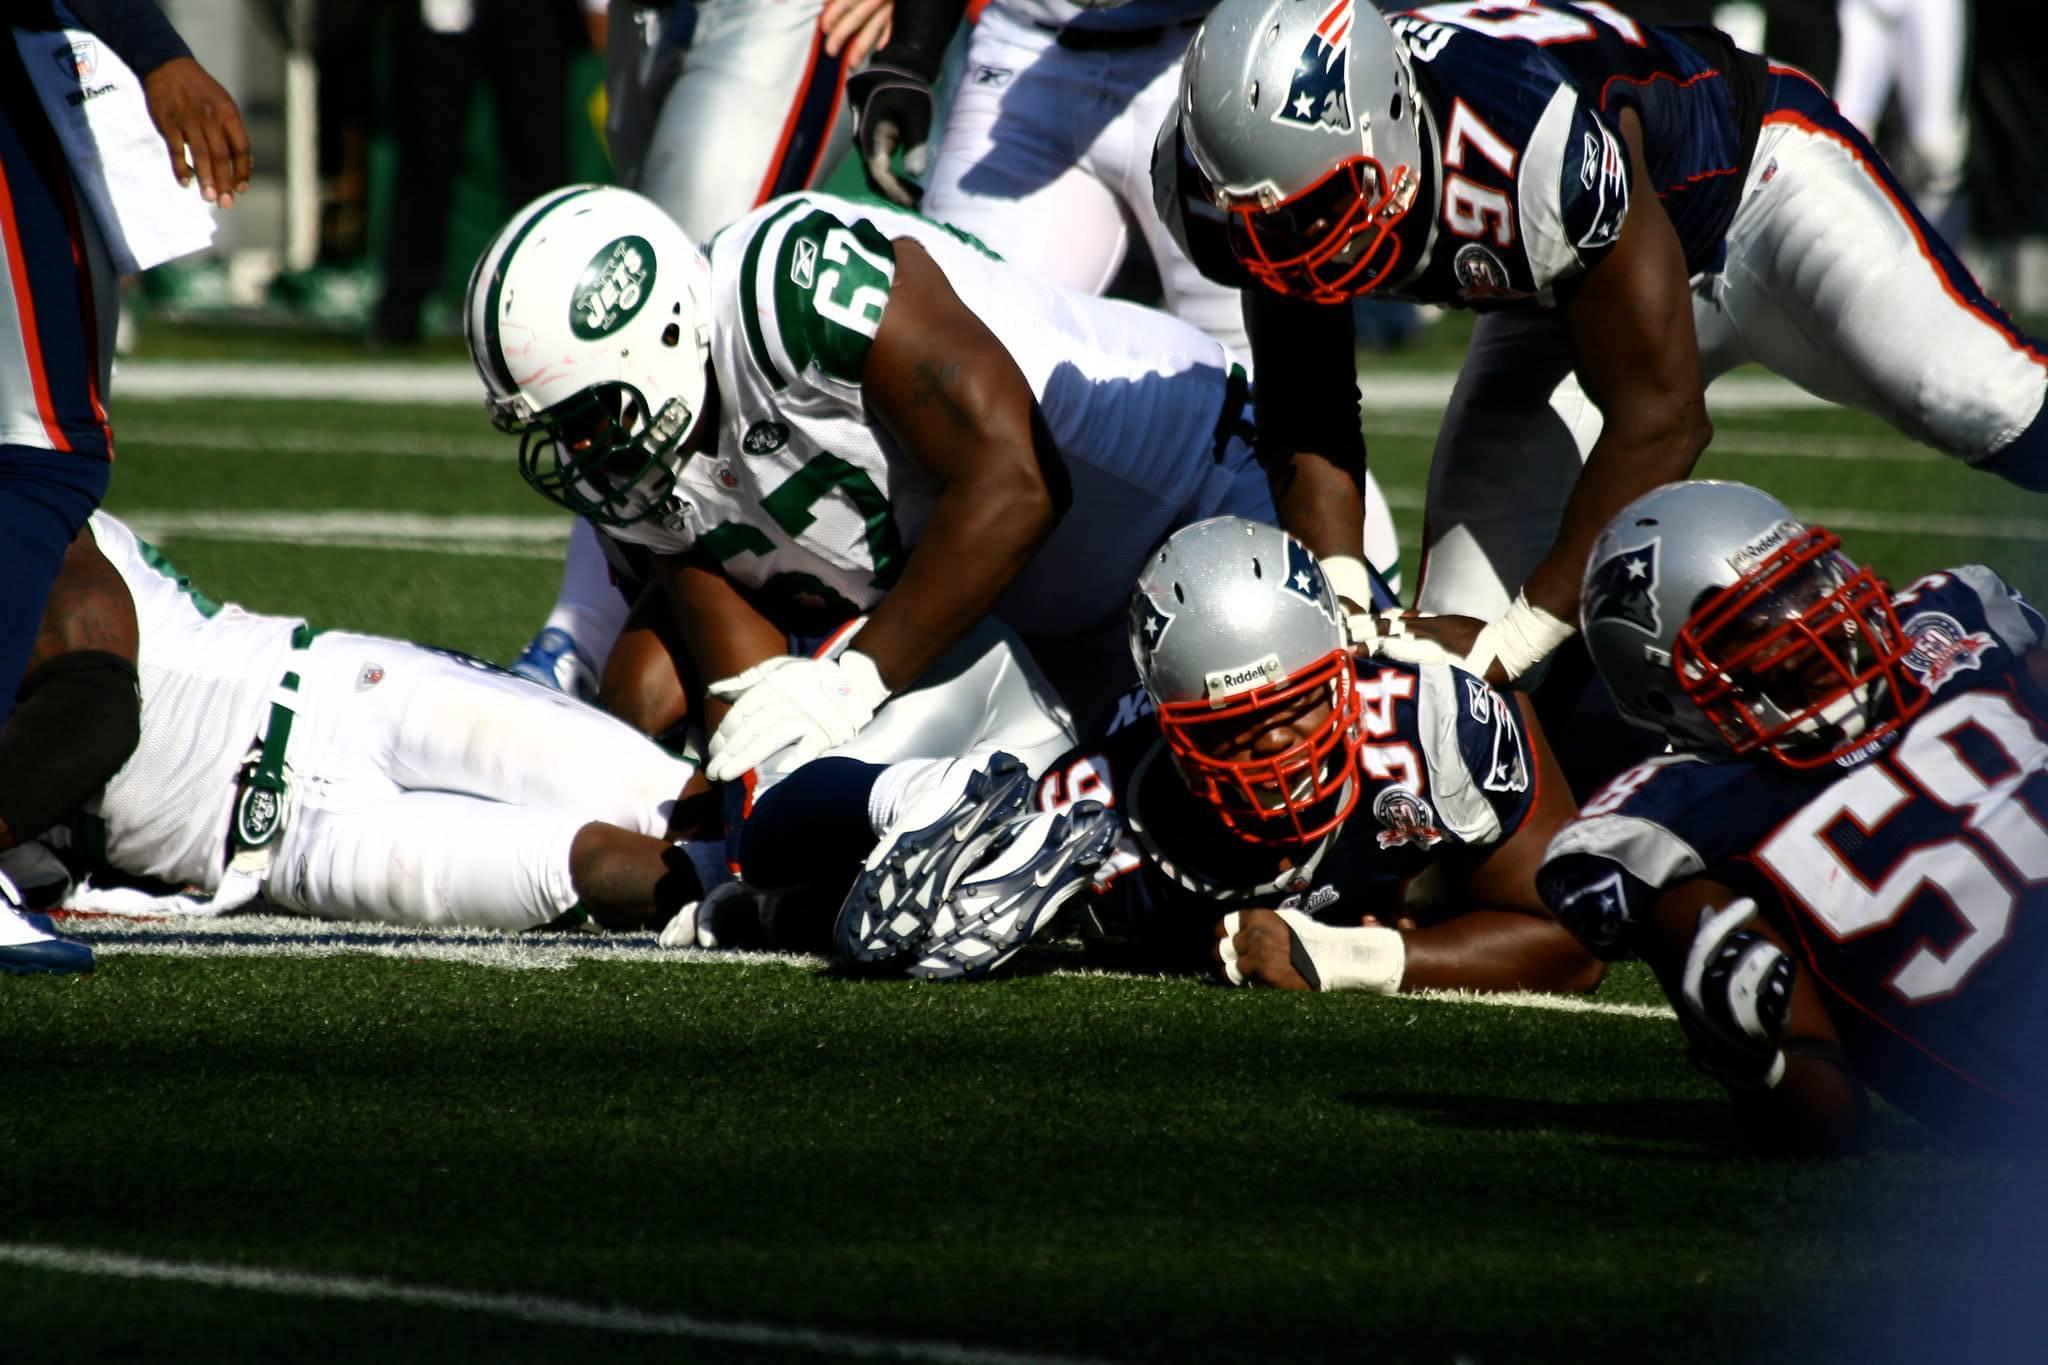 New England Patriots vs New York Jets NFL football rivalry